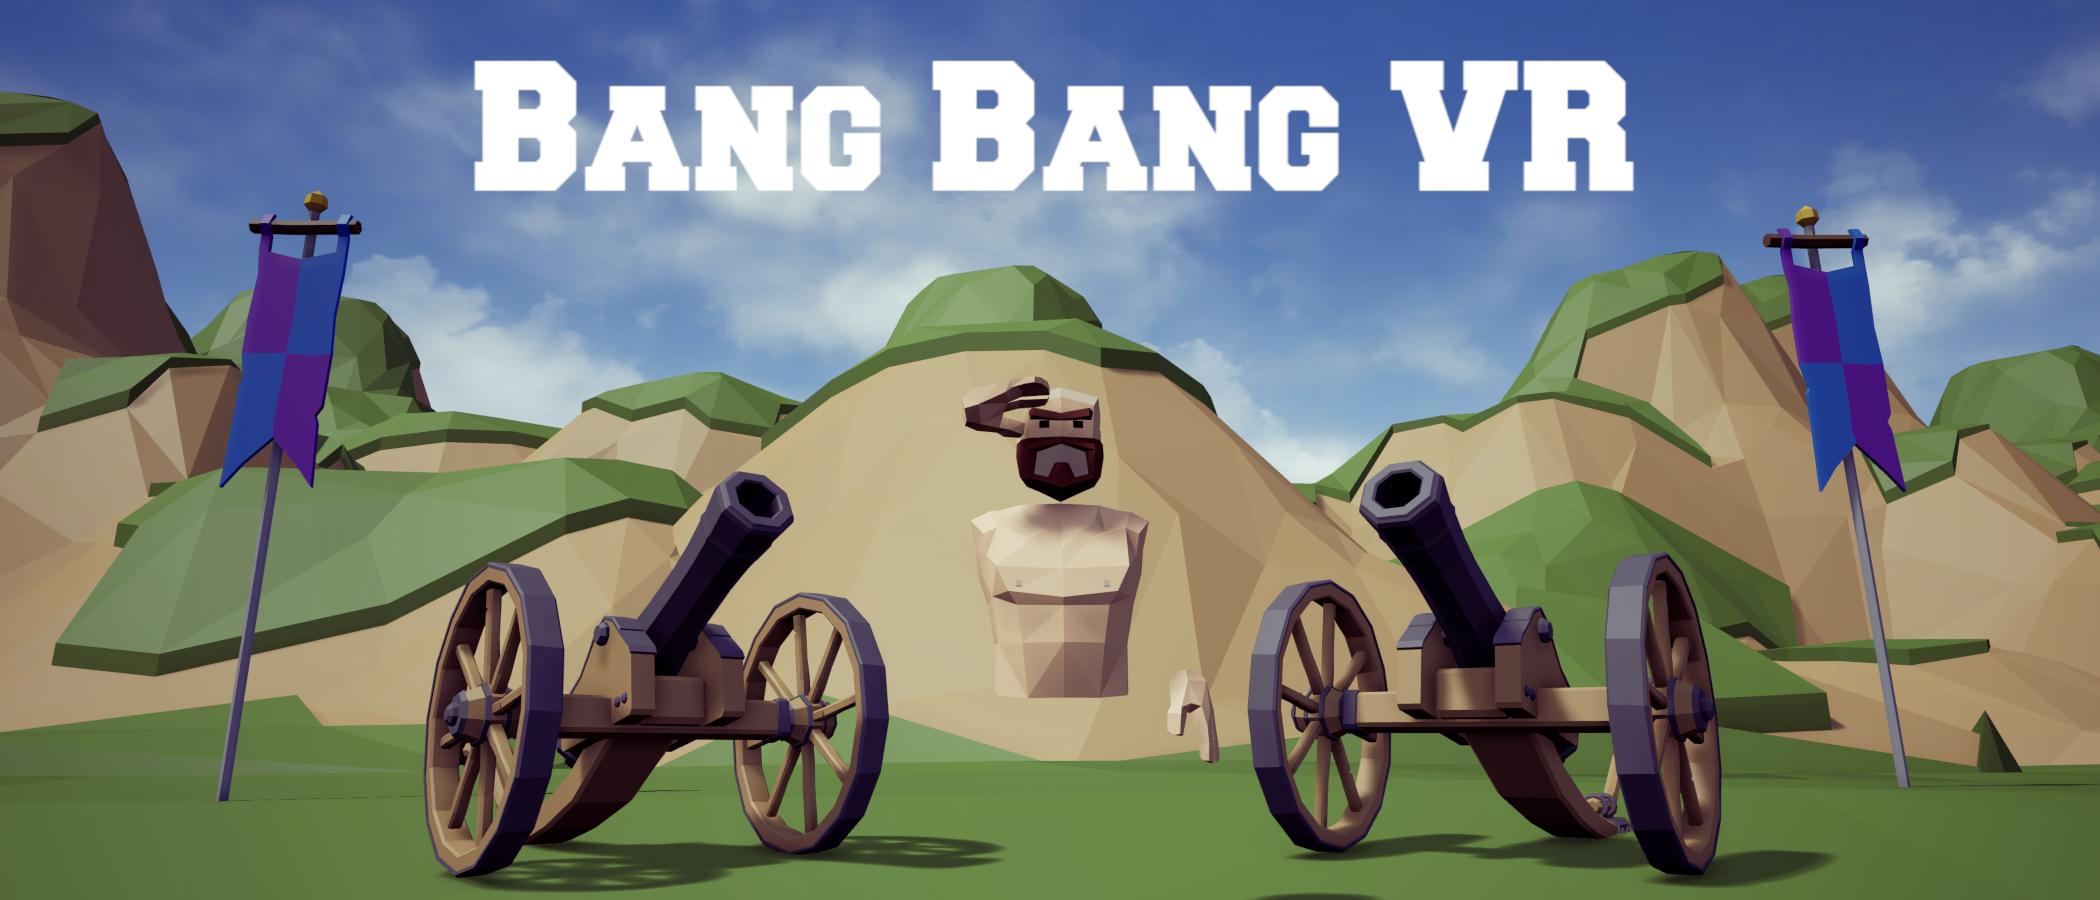 Bang Bang VR